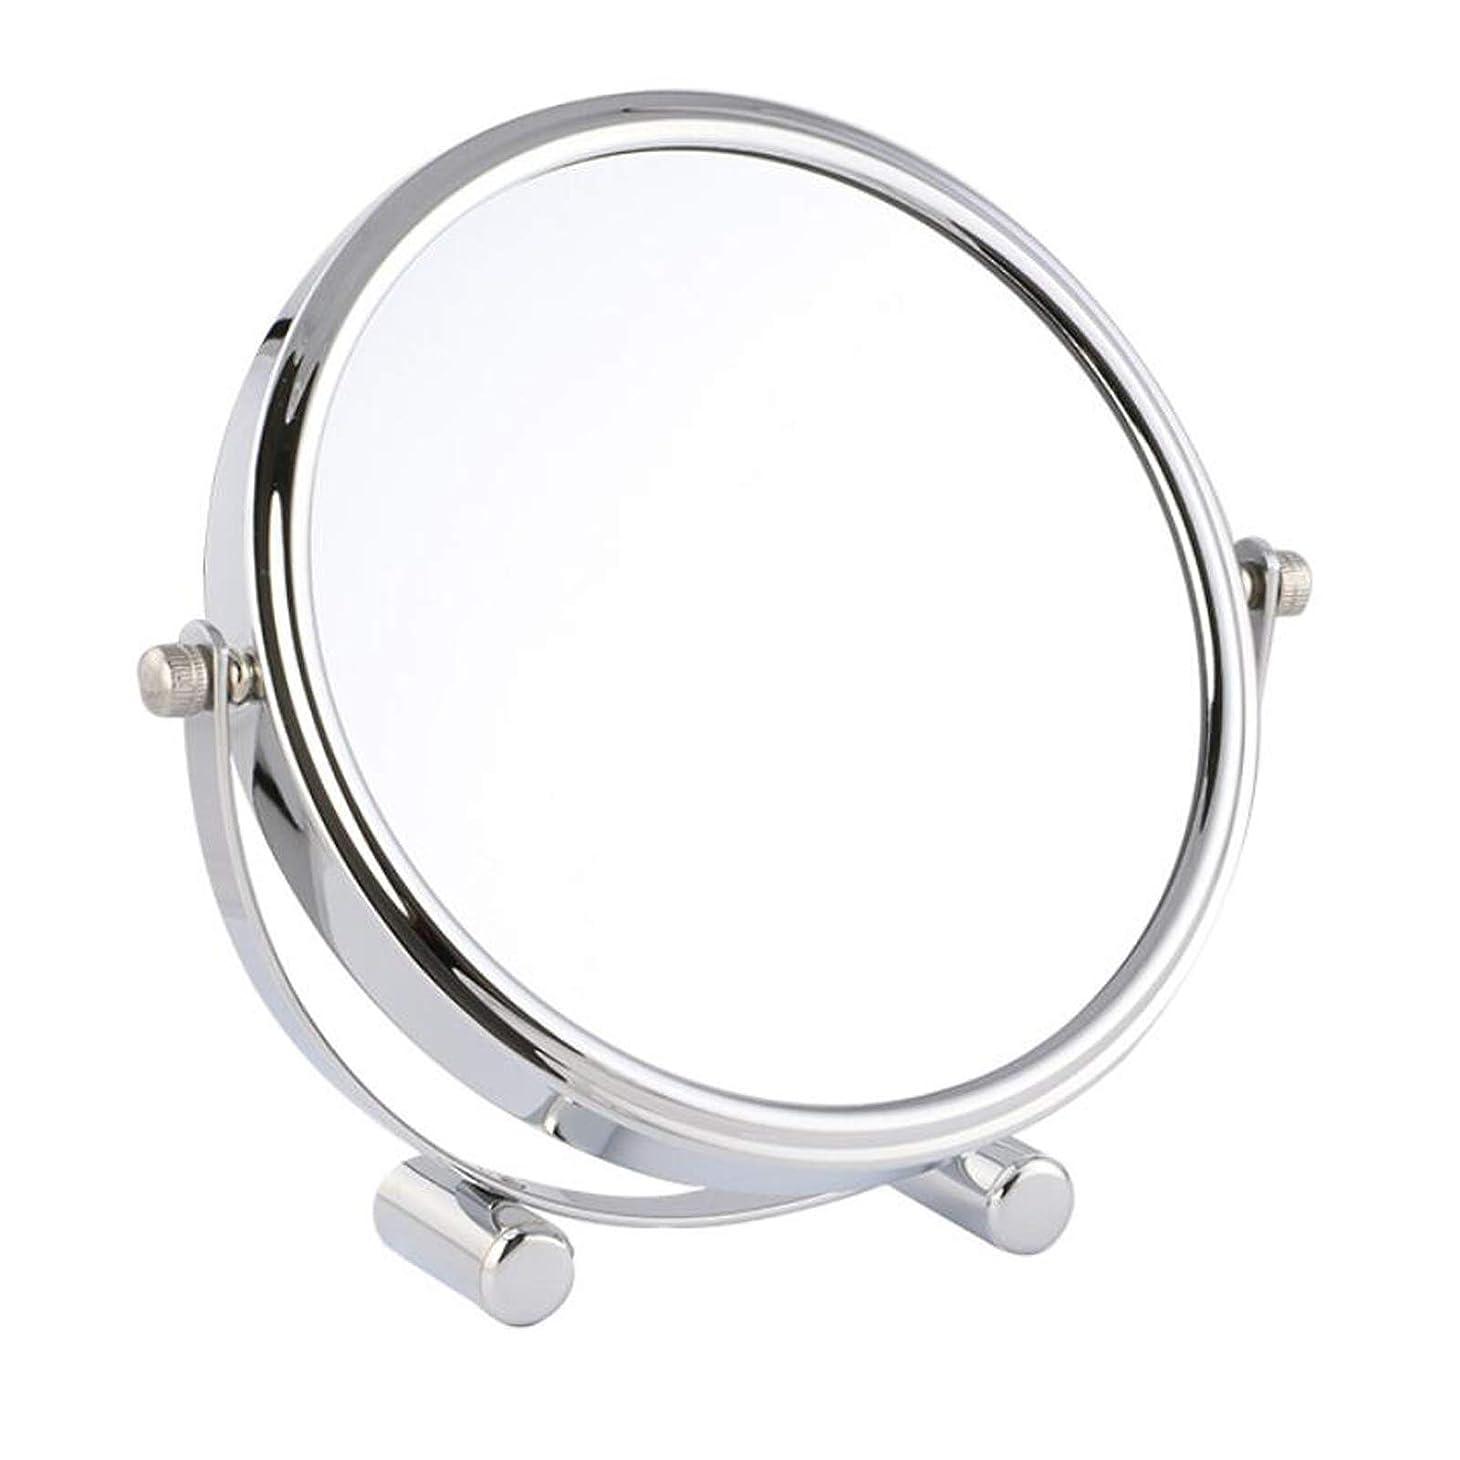 外交問題見せますクラス化粧鏡 女優ミラー けメイクミラー スタンドミラー 卓上鏡 化粧道具 両面鏡 片面2倍 拡大鏡 360度回転 鏡面直径17cm